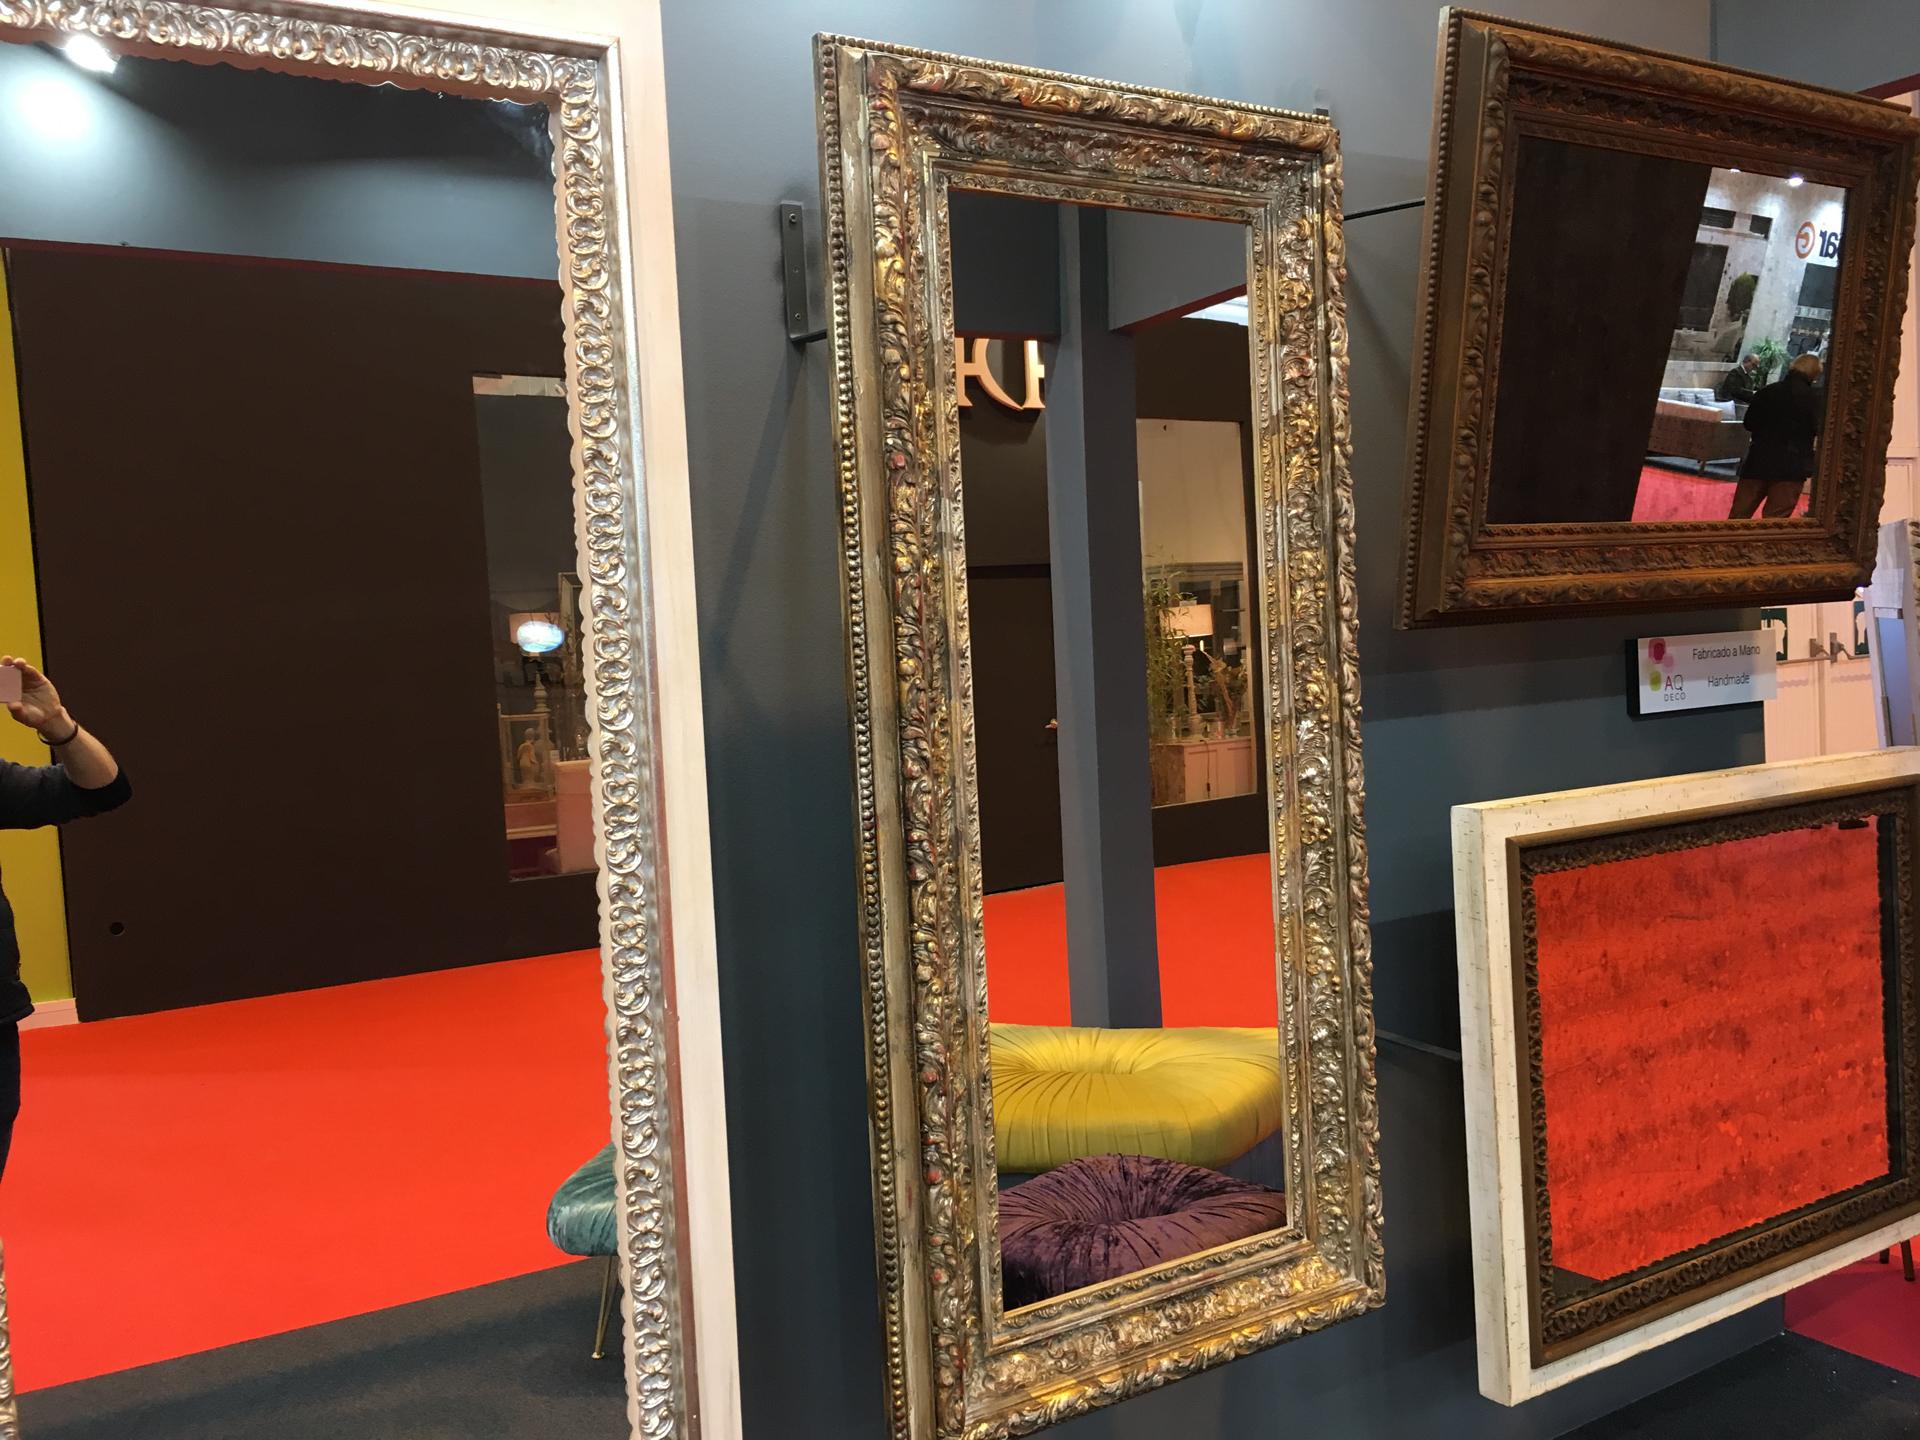 Tendencias y novedades en la feria del mueble de zaragoza 2018 for Feria del mueble valencia